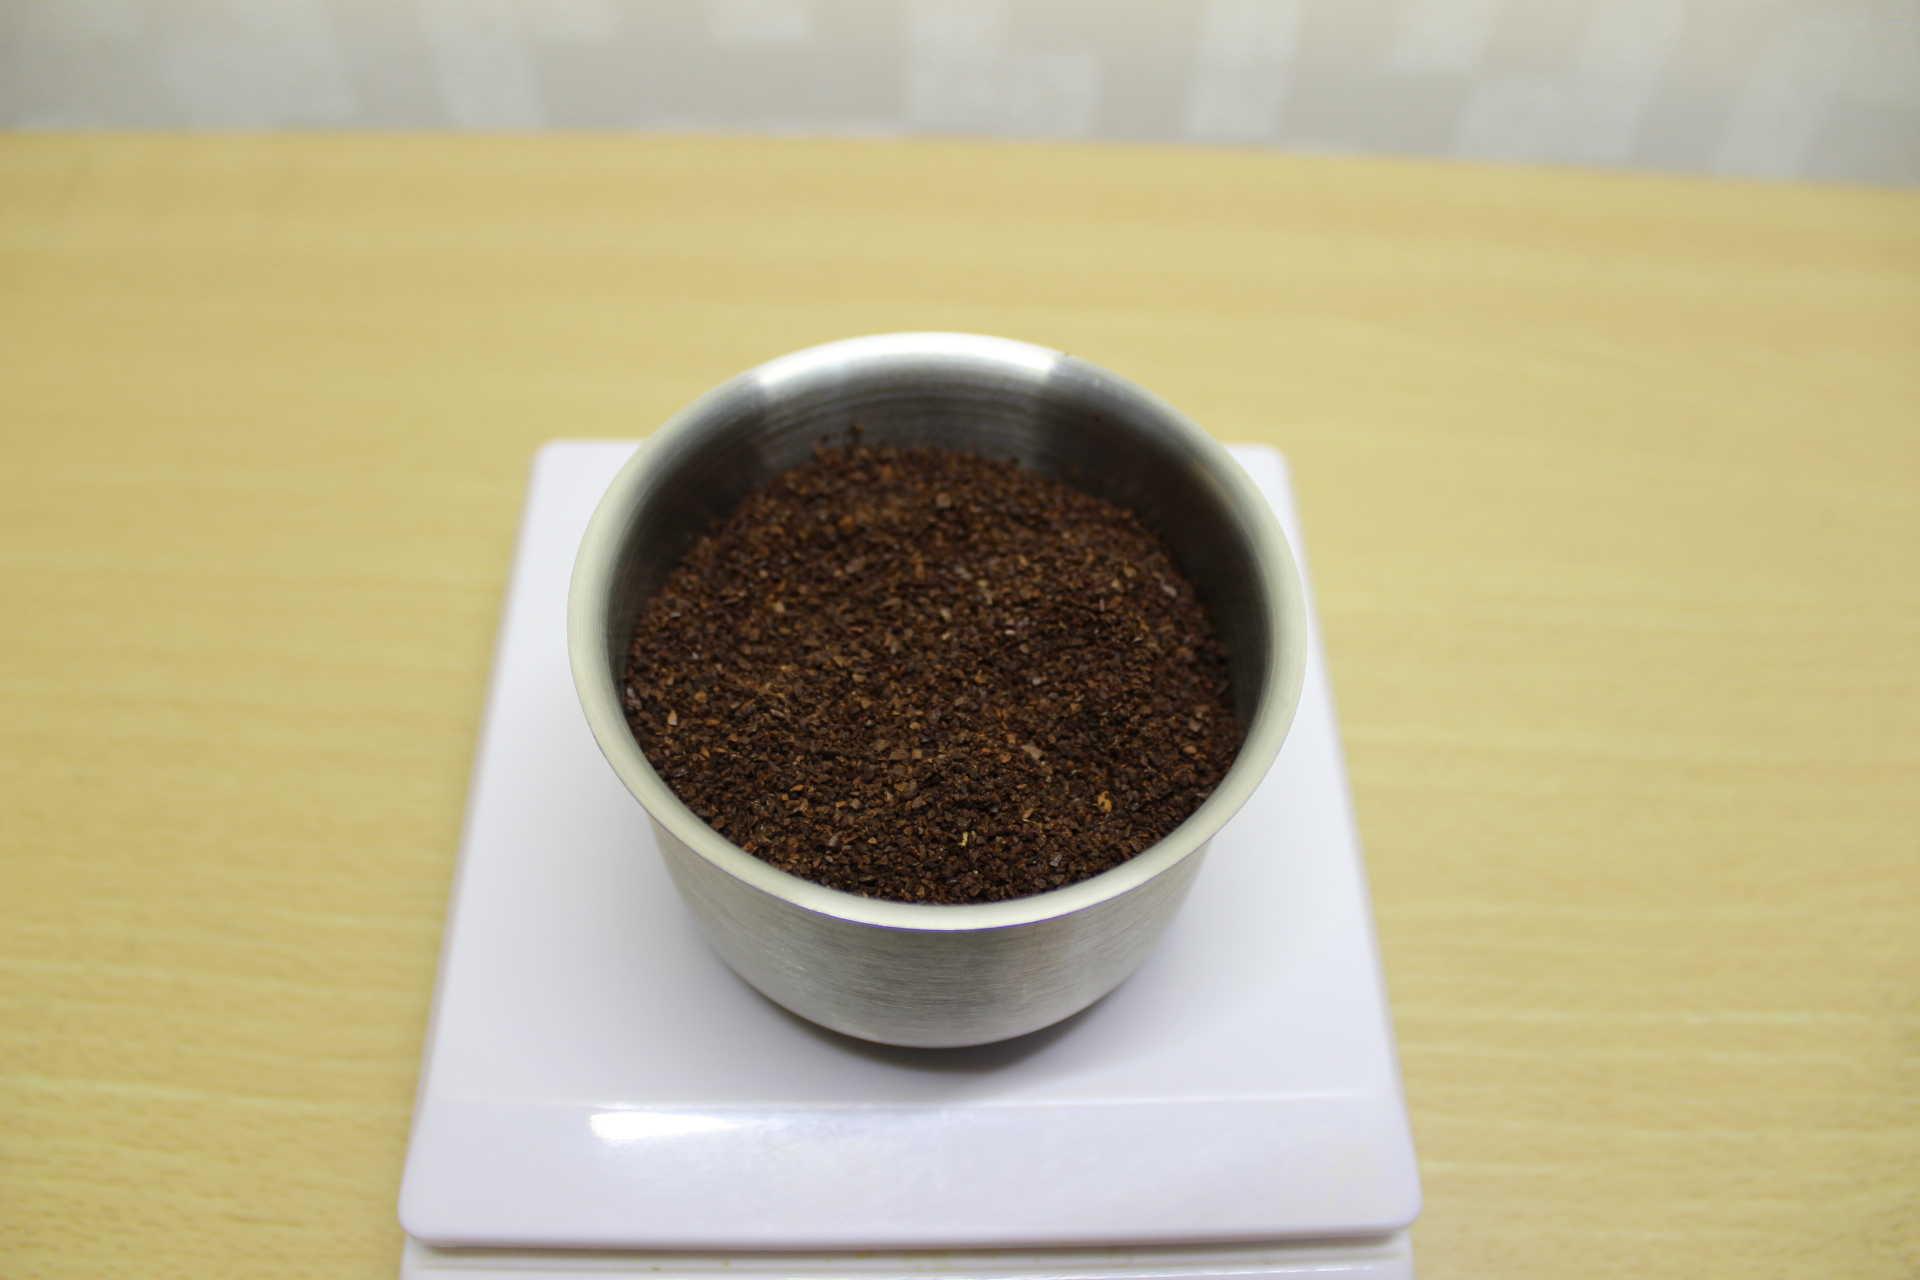 コールドブリューが作れるWiswell Water Dripperのコーヒーバスケットに40gのコーヒーパウダーを入れた